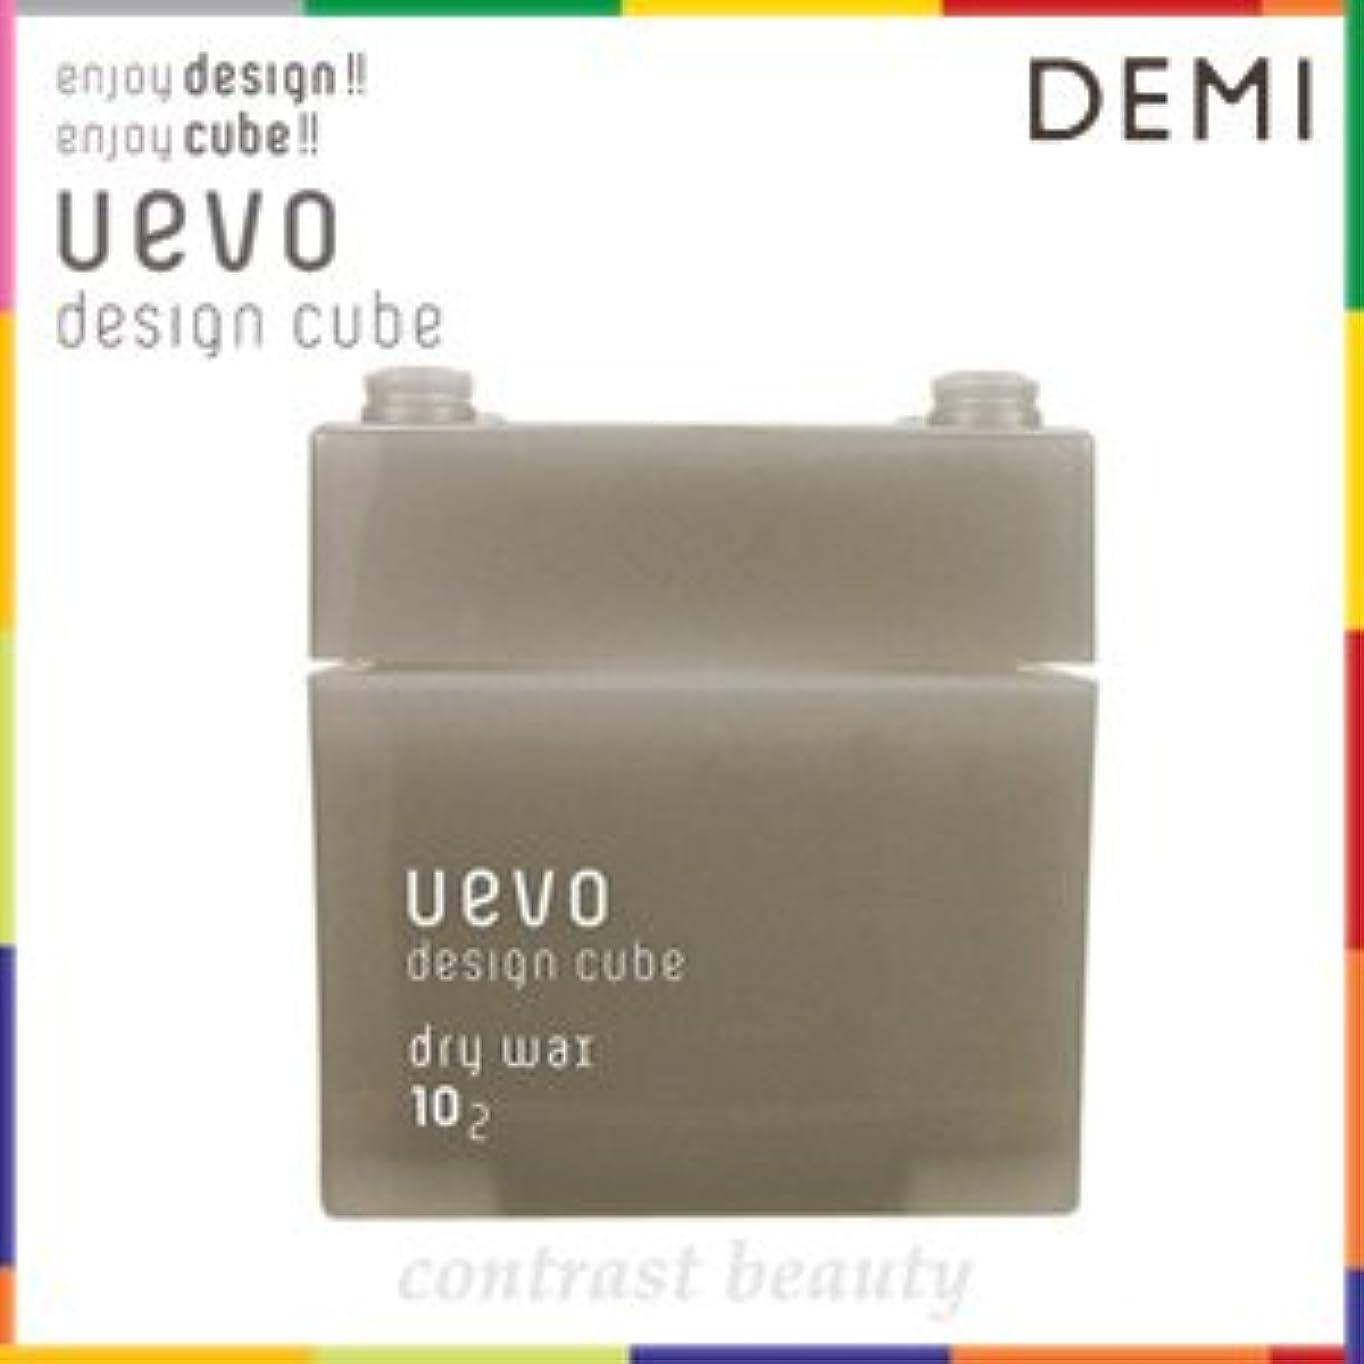 遠近法留まるゴミ箱を空にする【X4個セット】 デミ ウェーボ デザインキューブ ドライワックス 80g dry wax DEMI uevo design cube